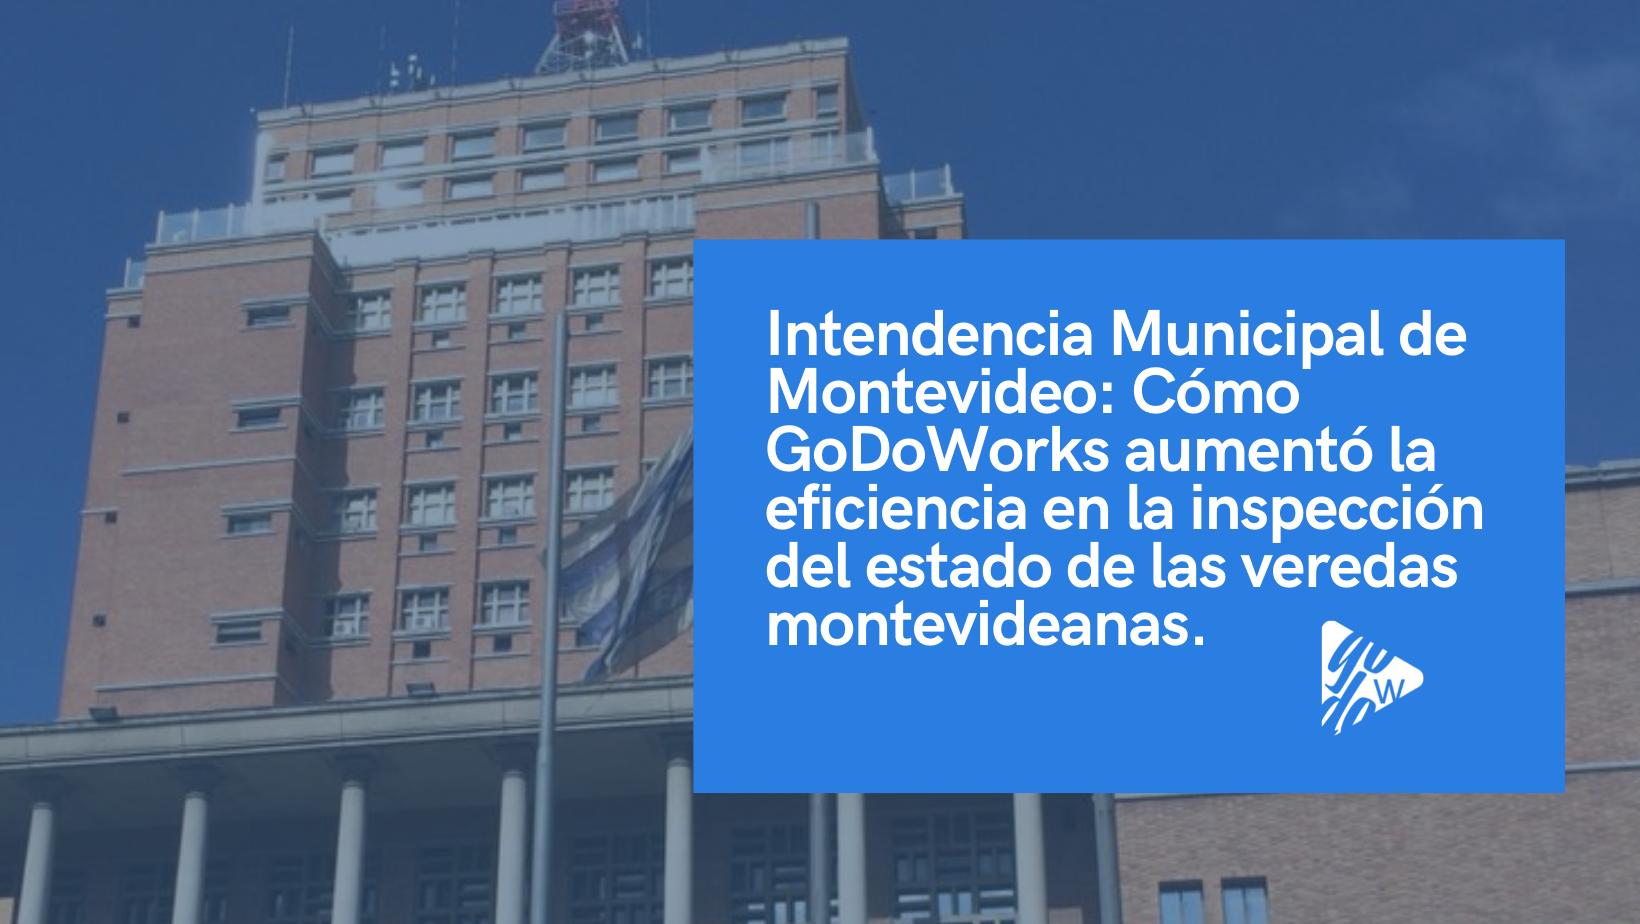 Intendencia Municipal de Montevideo: Cómo GoDoWorks aumentó la  eficiencia en la inspección del estado de las veredas montevideanas